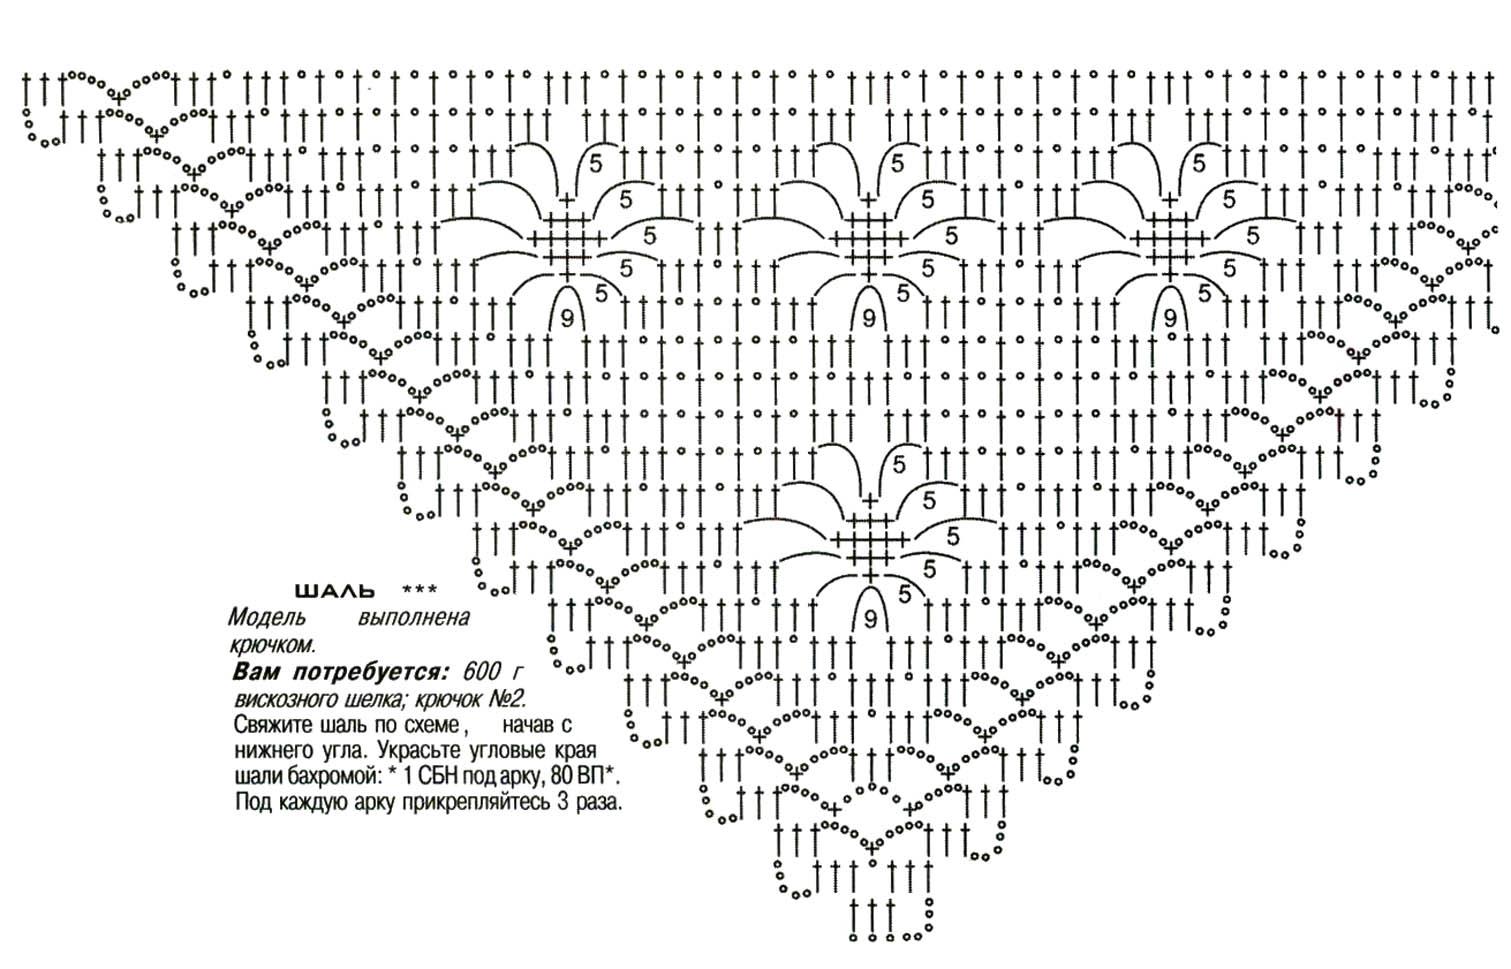 ажурные шали косынки связанные крючком со схемами и описанием